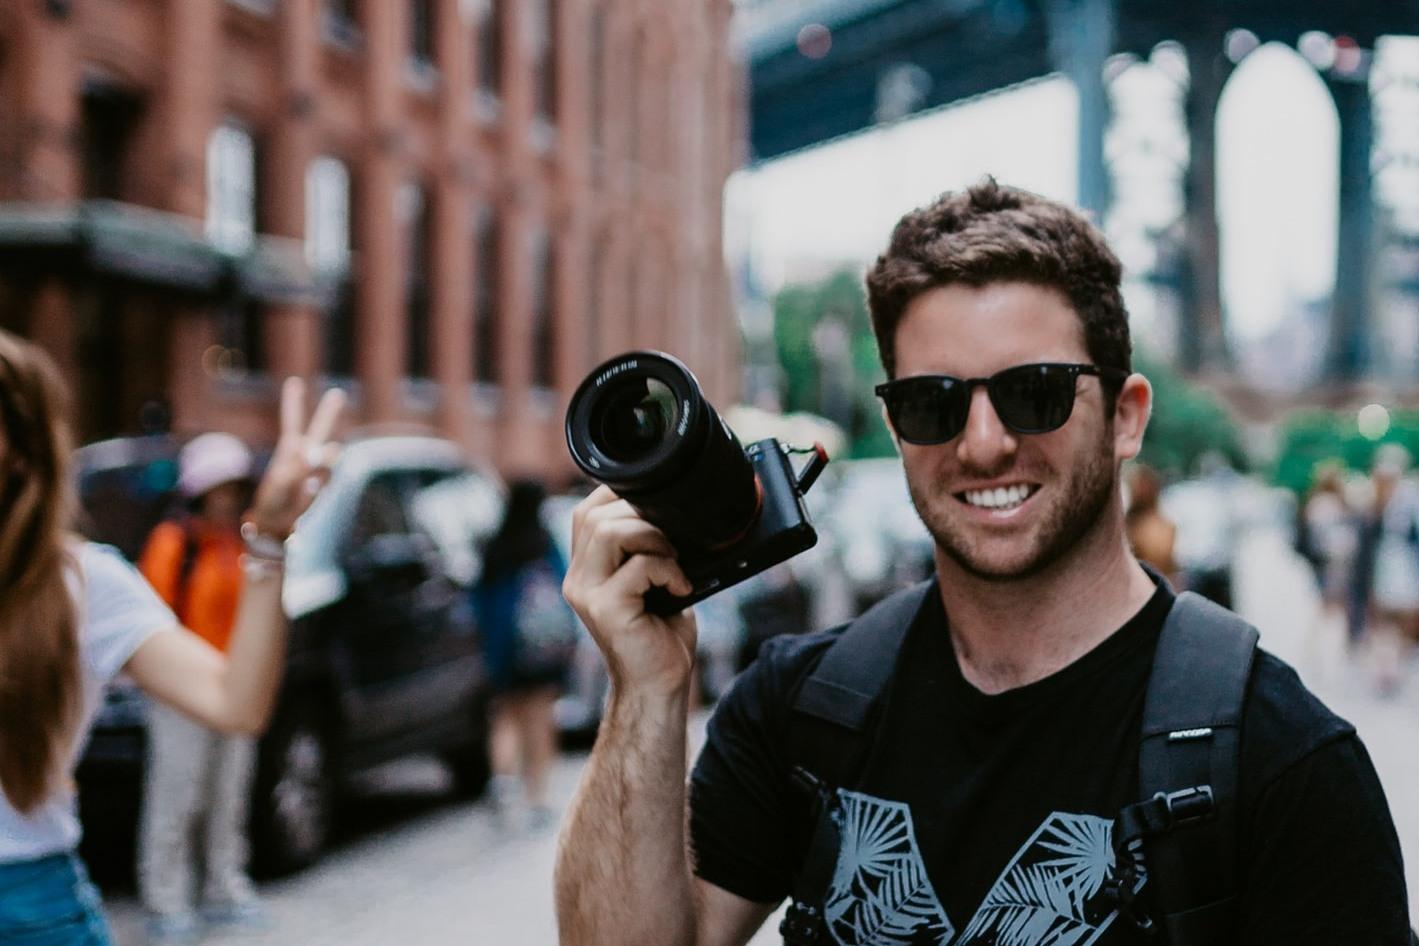 chico tomando fotos amateur